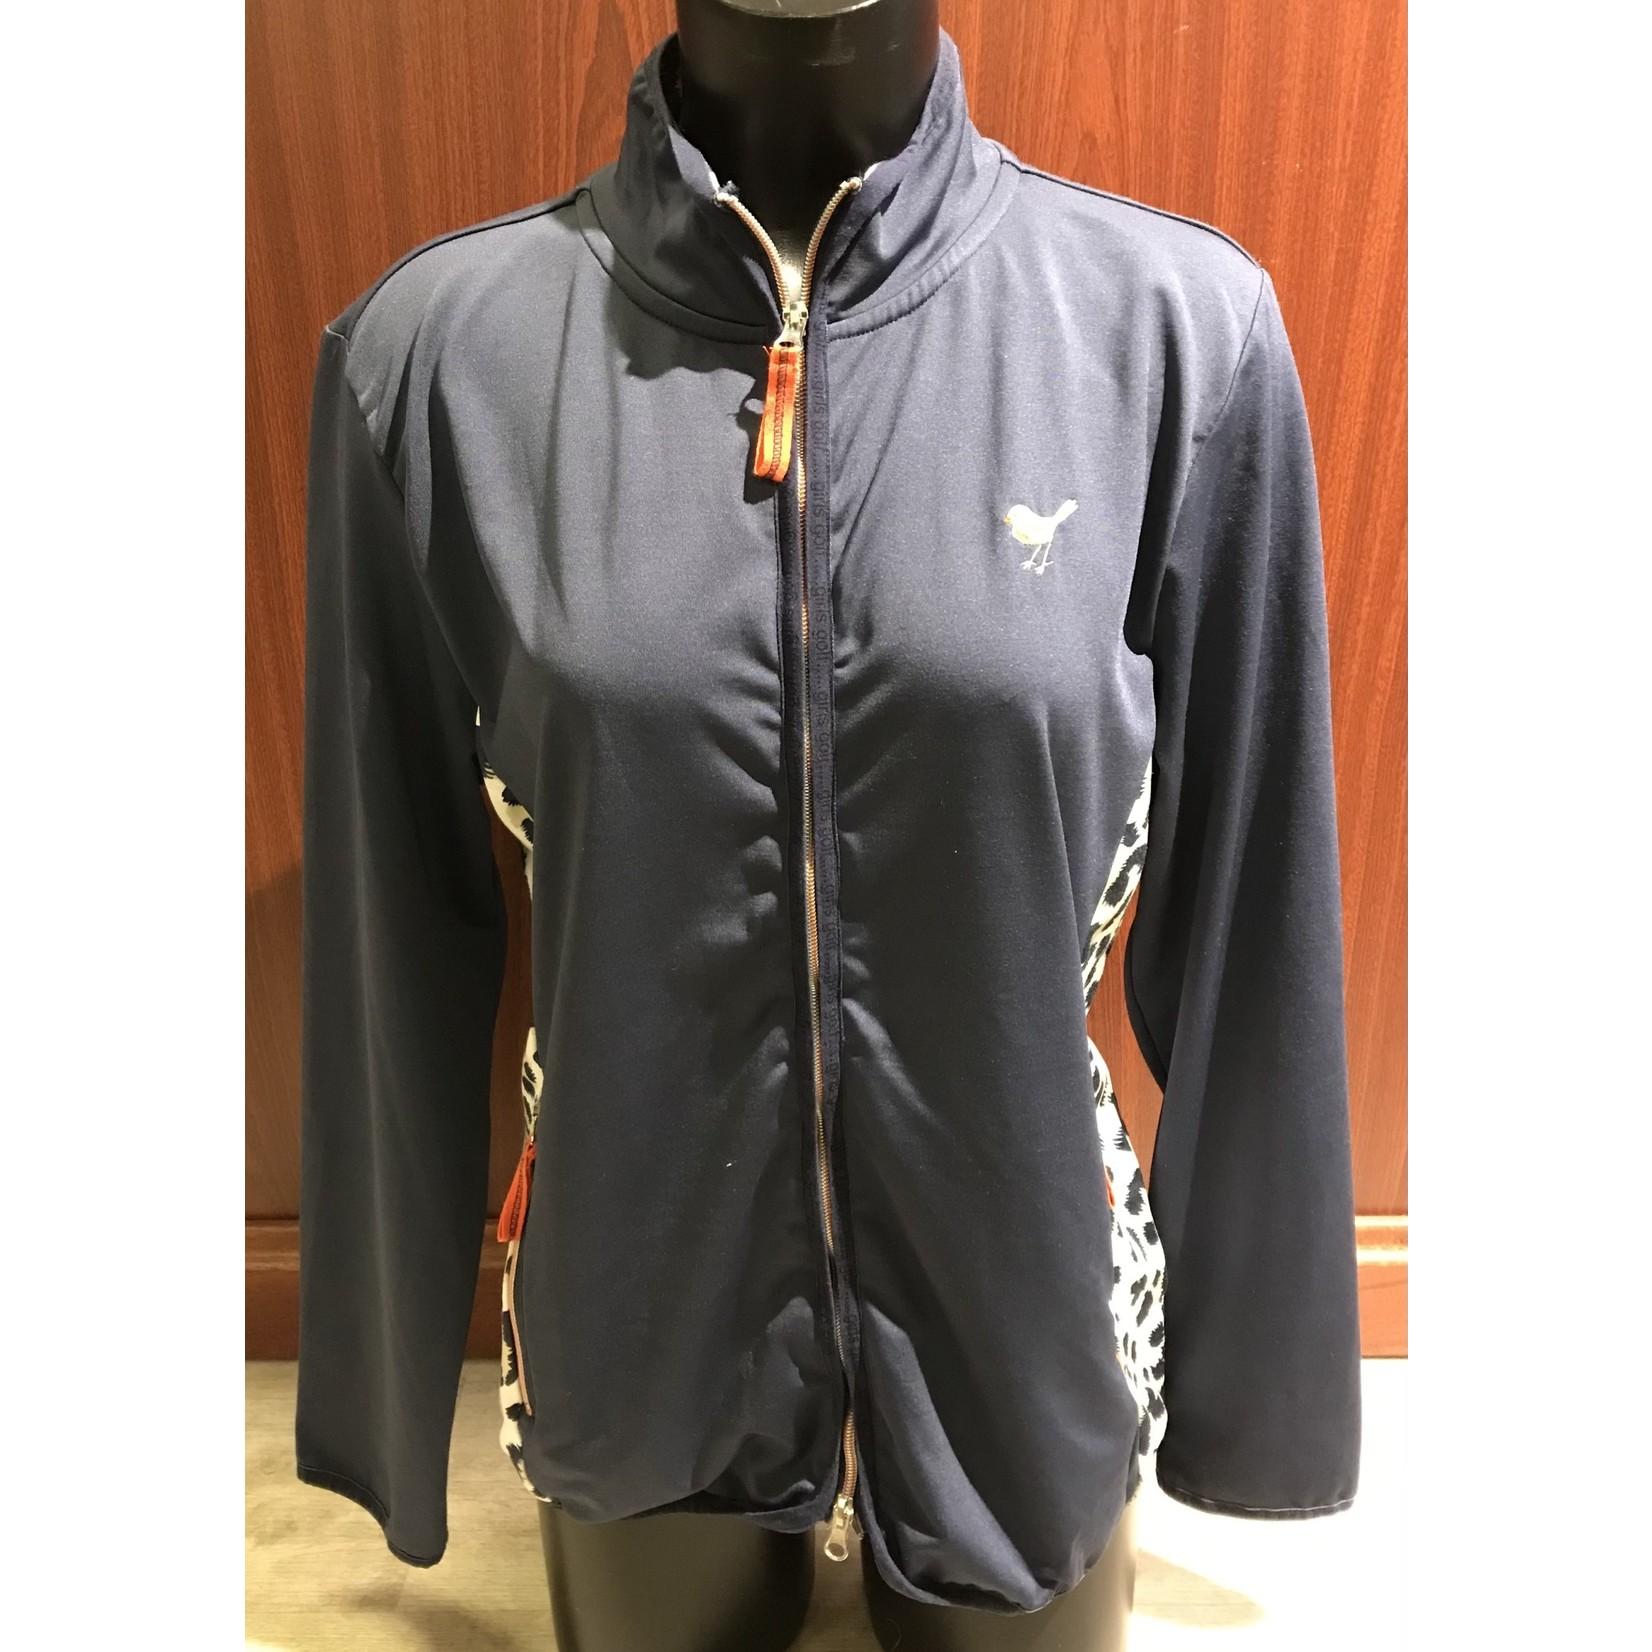 Girls Golf Girls Golf Jacket Blue Leo dark blue XXL